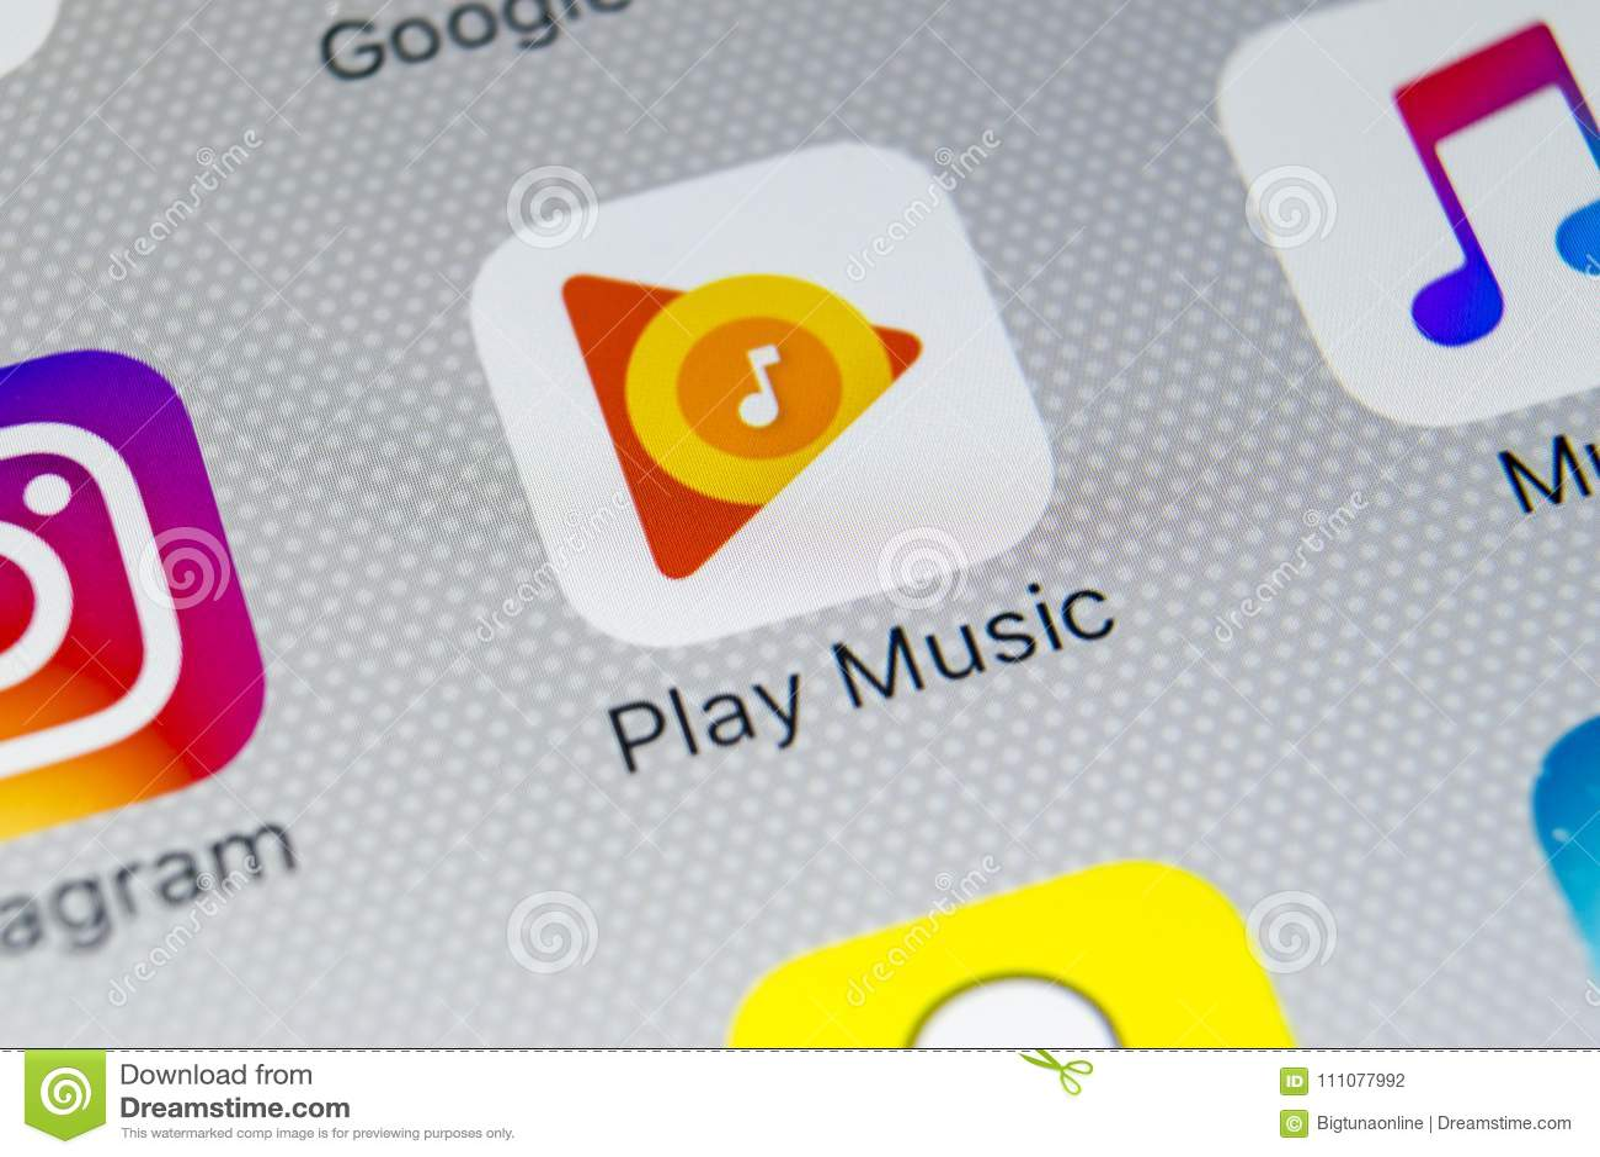 Google Spielen